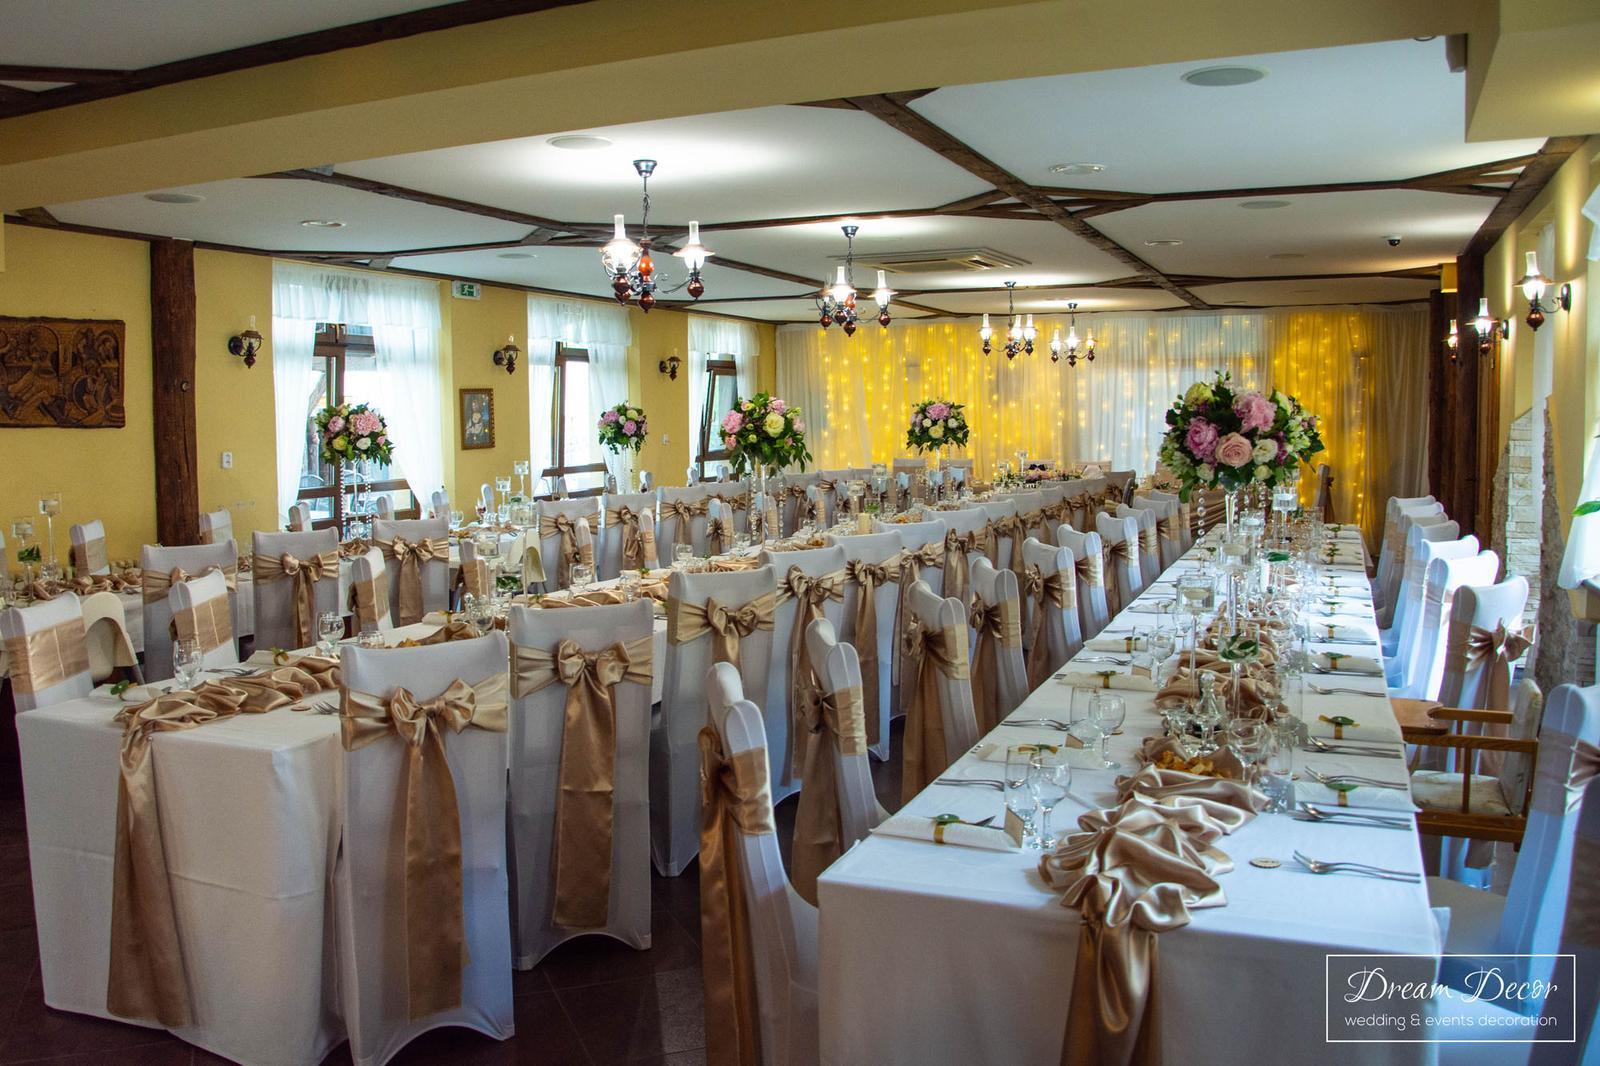 Svadobná výzdoba reštaurácie Mona Dolné Saliby - Svadobná výzdoba Mona Dolné Saliby